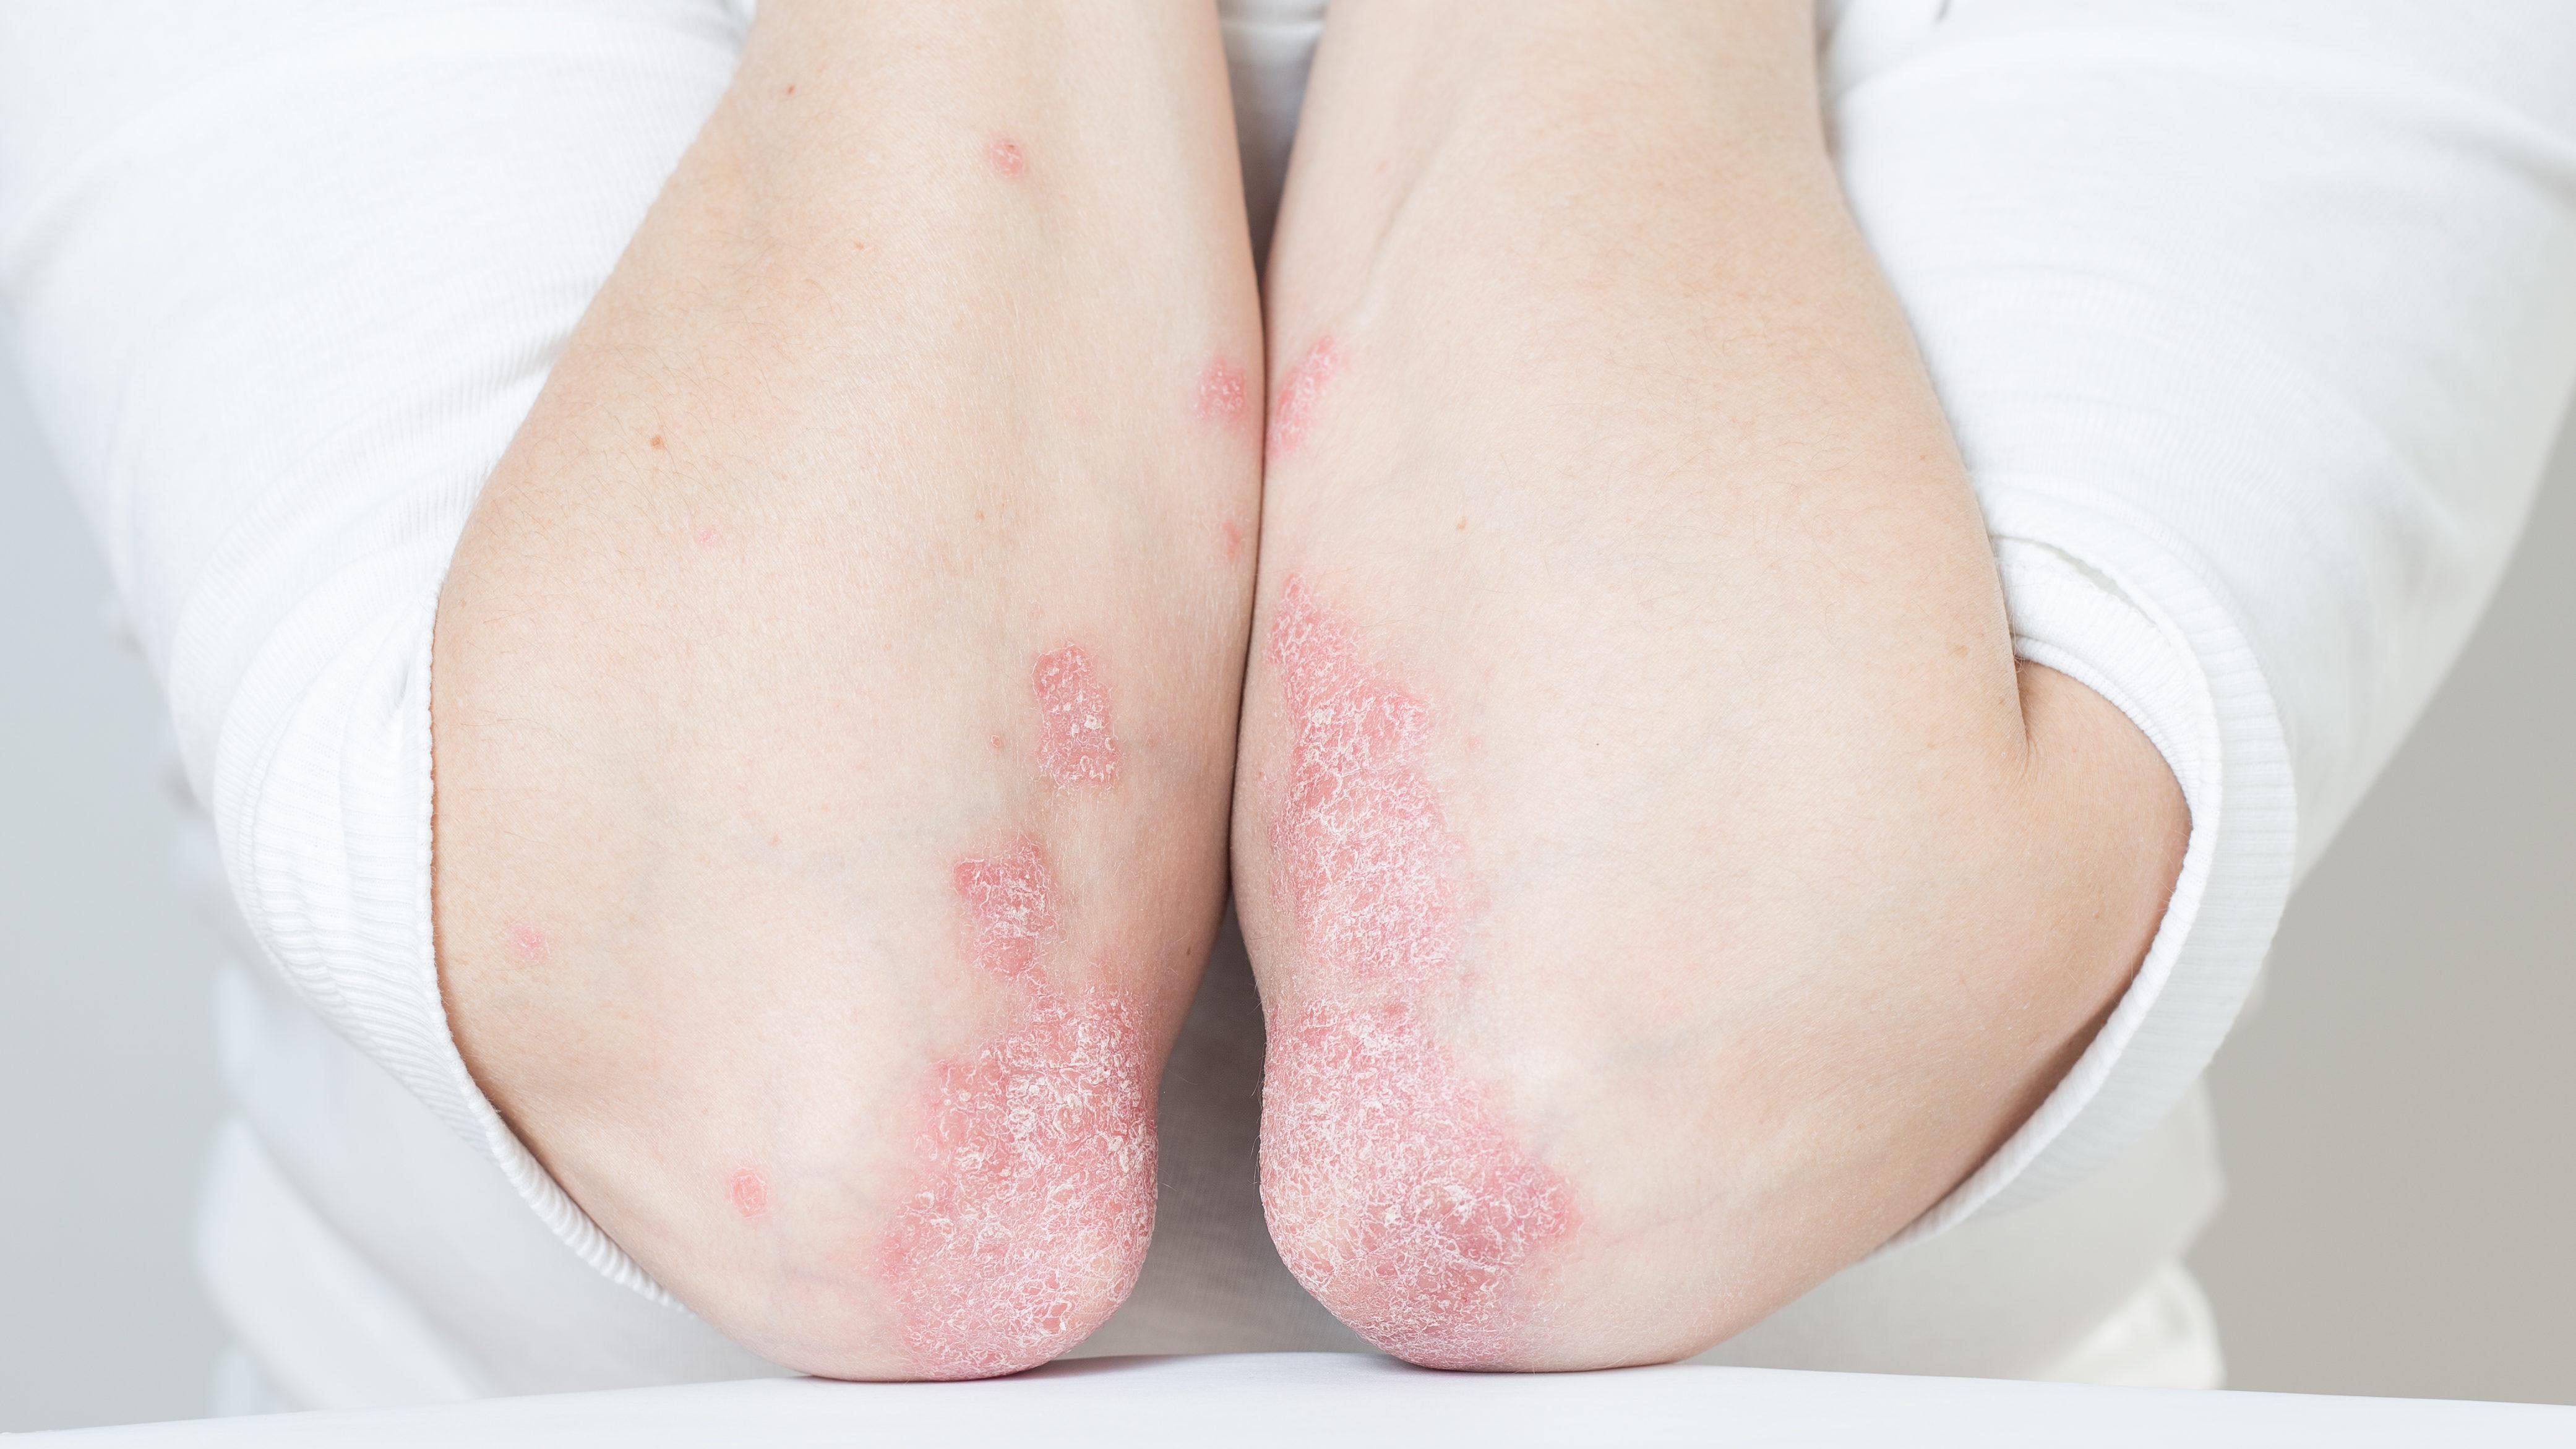 vörös foltok a bőrön fotó ok pikkelysömör kezelése Dimexidummal